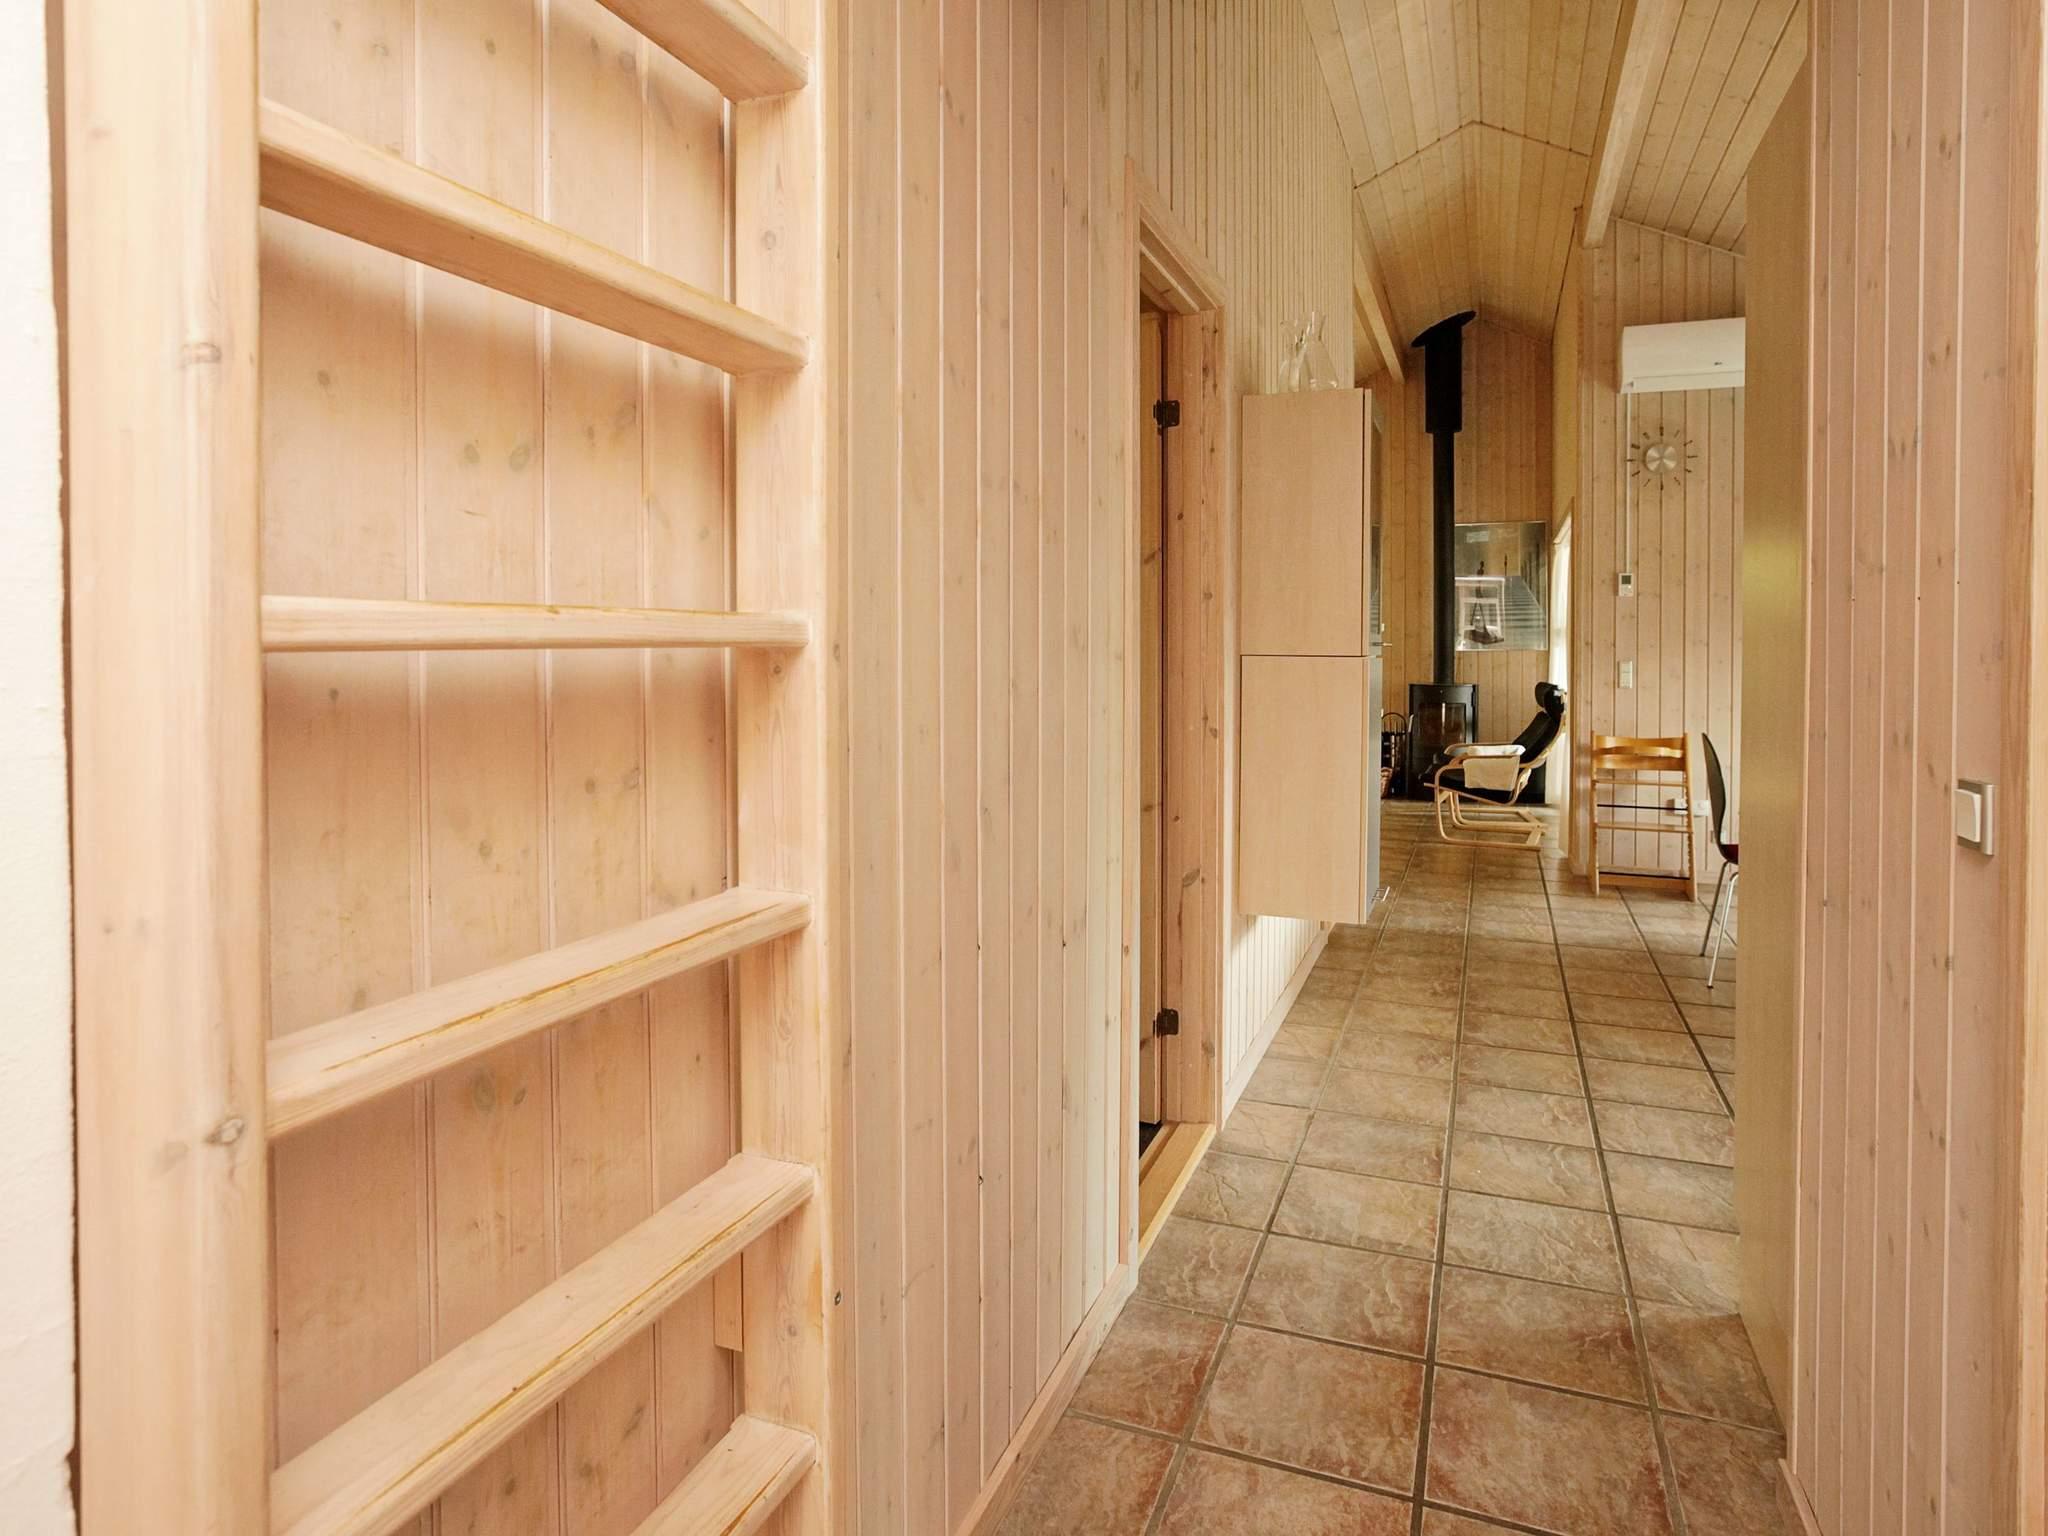 Ferienhaus Lodskovvad (683644), Lodskovvad, , Nordostjütland, Dänemark, Bild 9